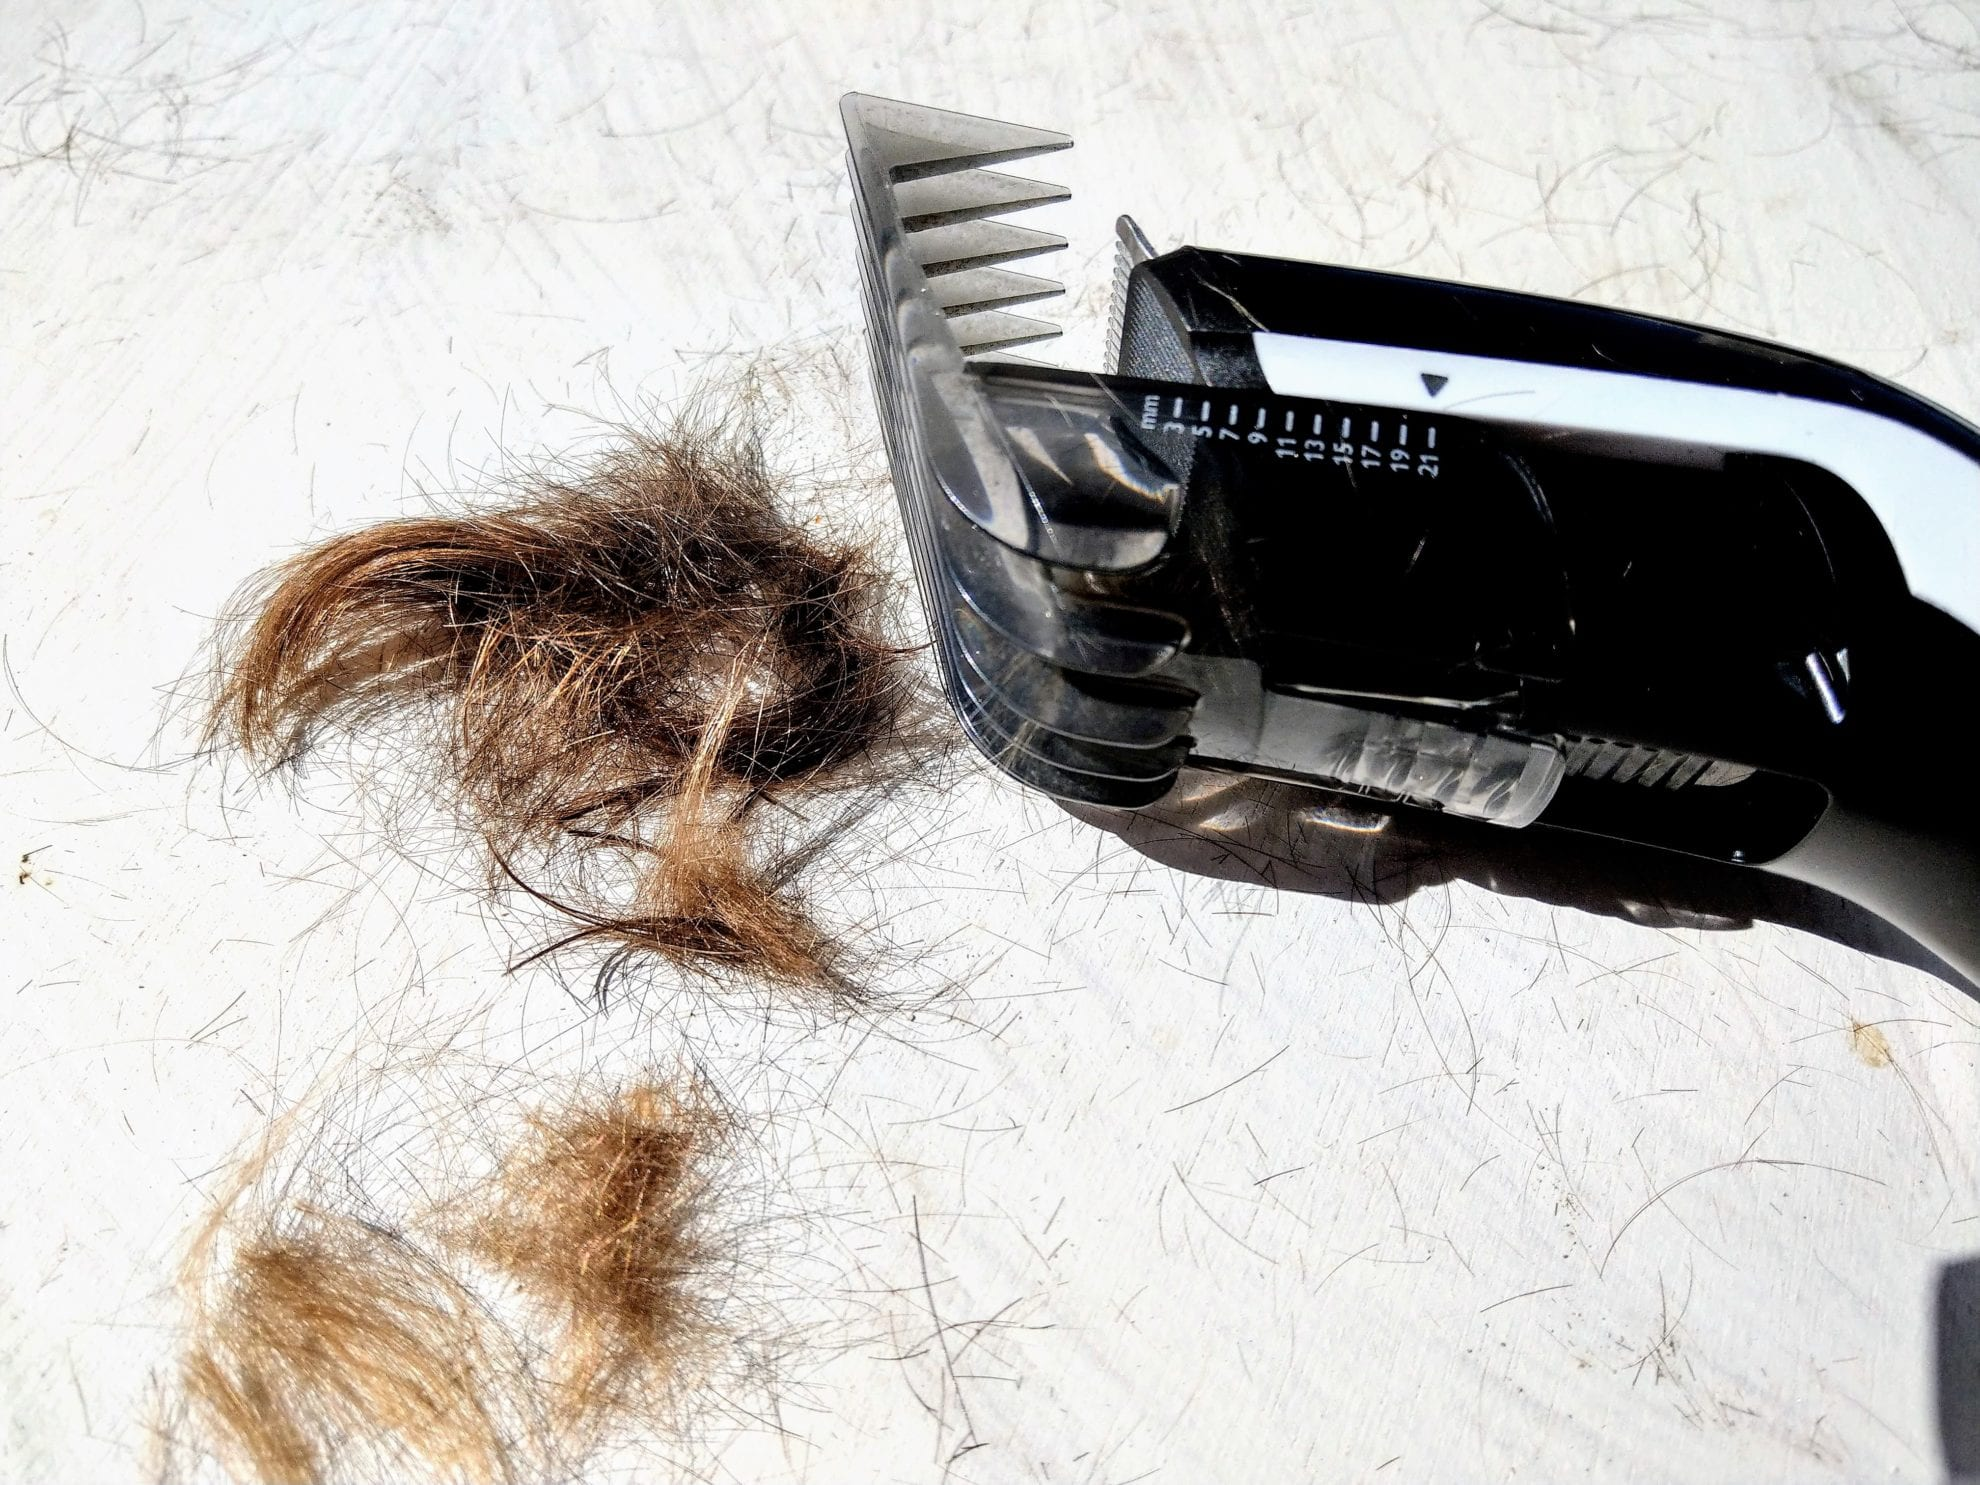 Der Haartrimmer kam auch zum Einsatz. Dadurch haben die Jungs wieder eine anständige Frisur und die Haare kitzeln nicht mehr in den Ohren.